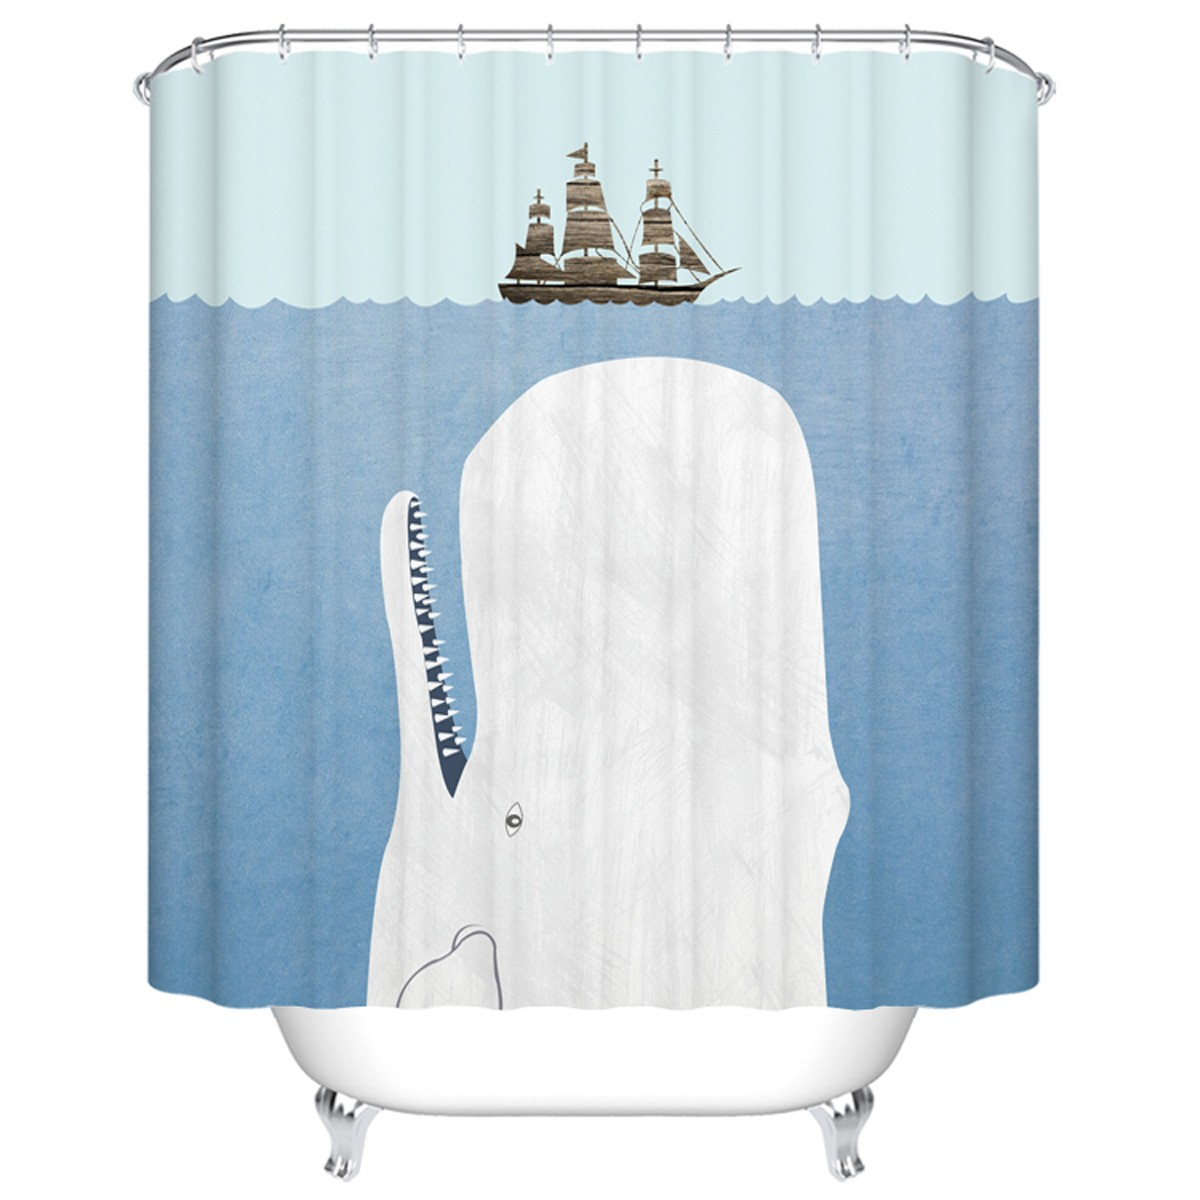 rideau de douche imperm able pour salle de bain 70 l x 72 h dk yt001 decoraport canada. Black Bedroom Furniture Sets. Home Design Ideas